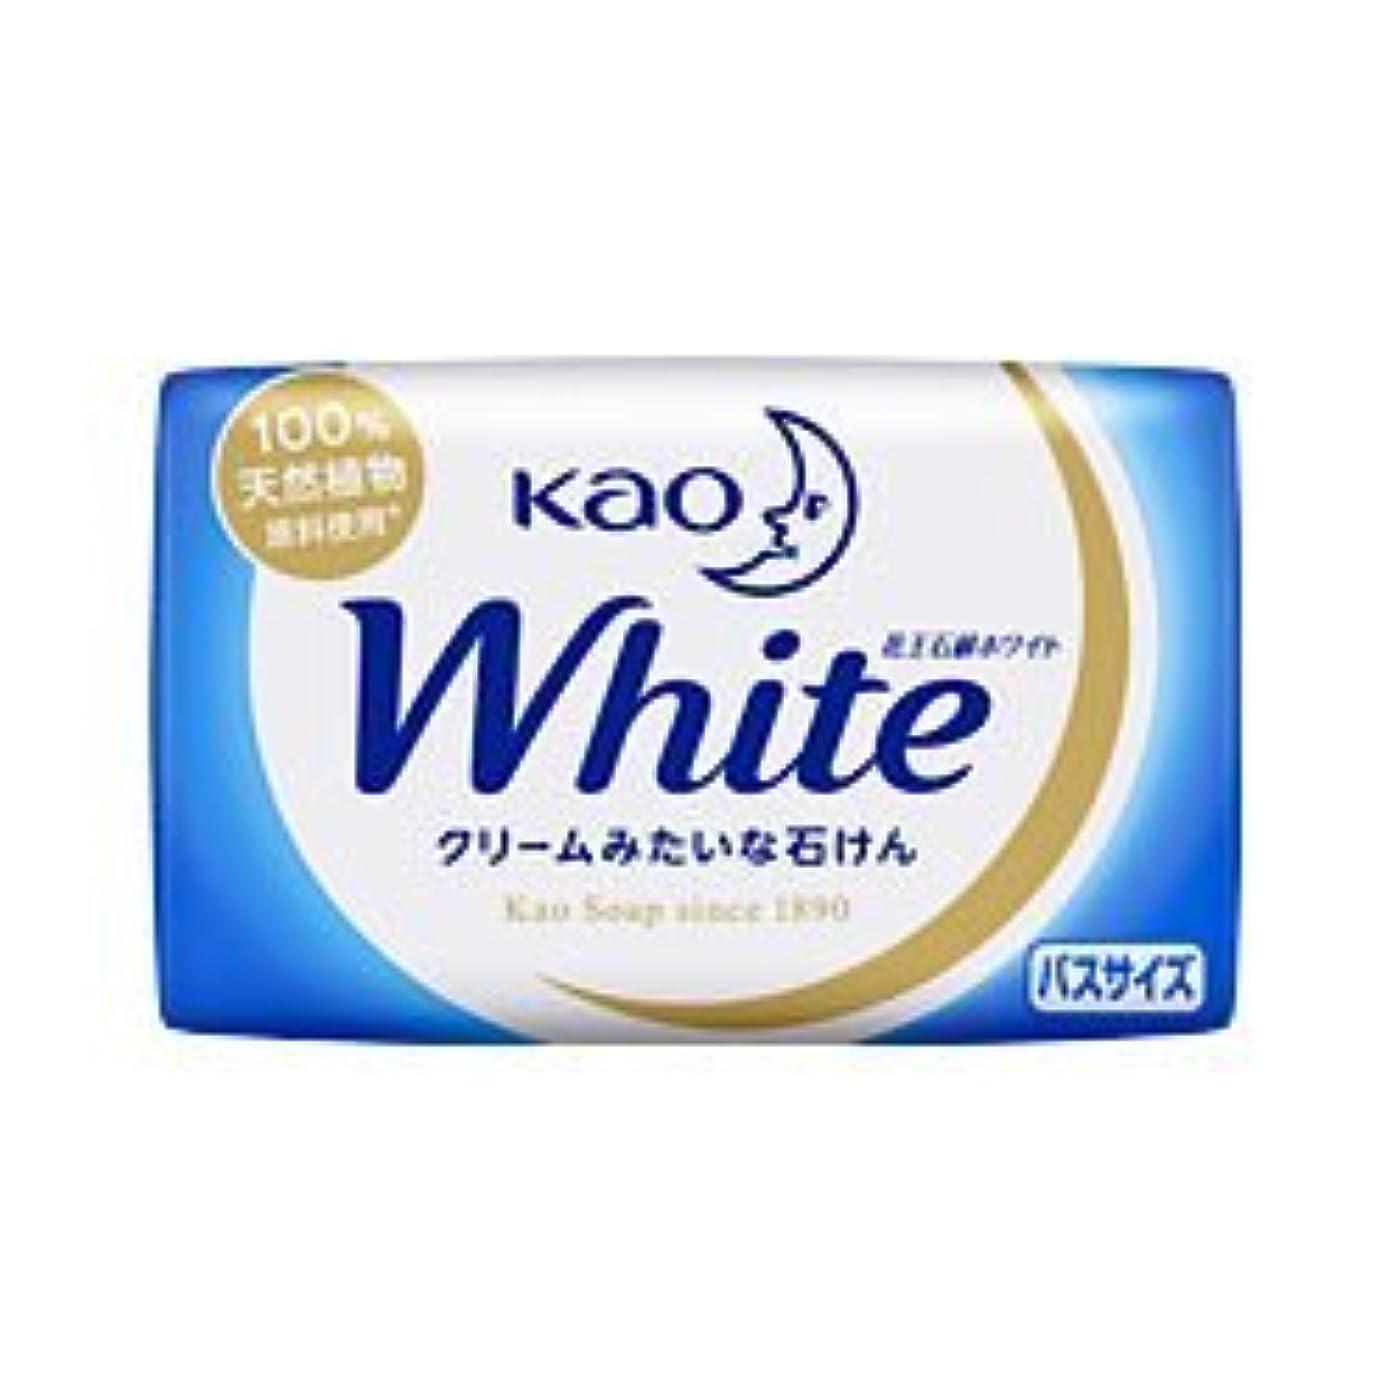 オデュッセウスシビック市民【花王】花王ホワイト バスサイズ 1個 130g ×5個セット